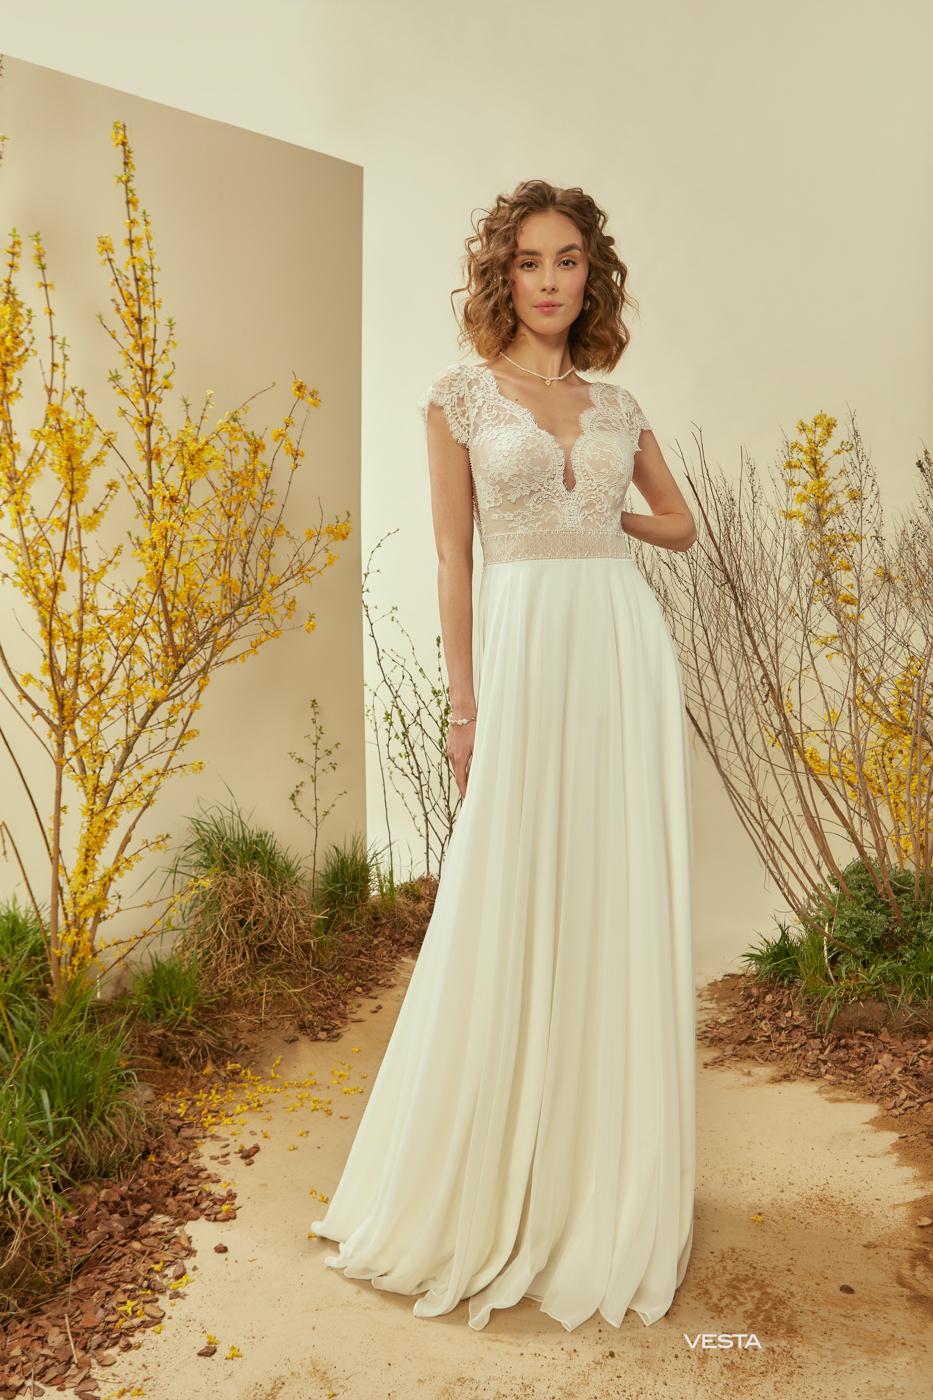 feine Spitze Träger vintage Brautkleid Sommerhochzeit günstig Le Rina hohe Qualität